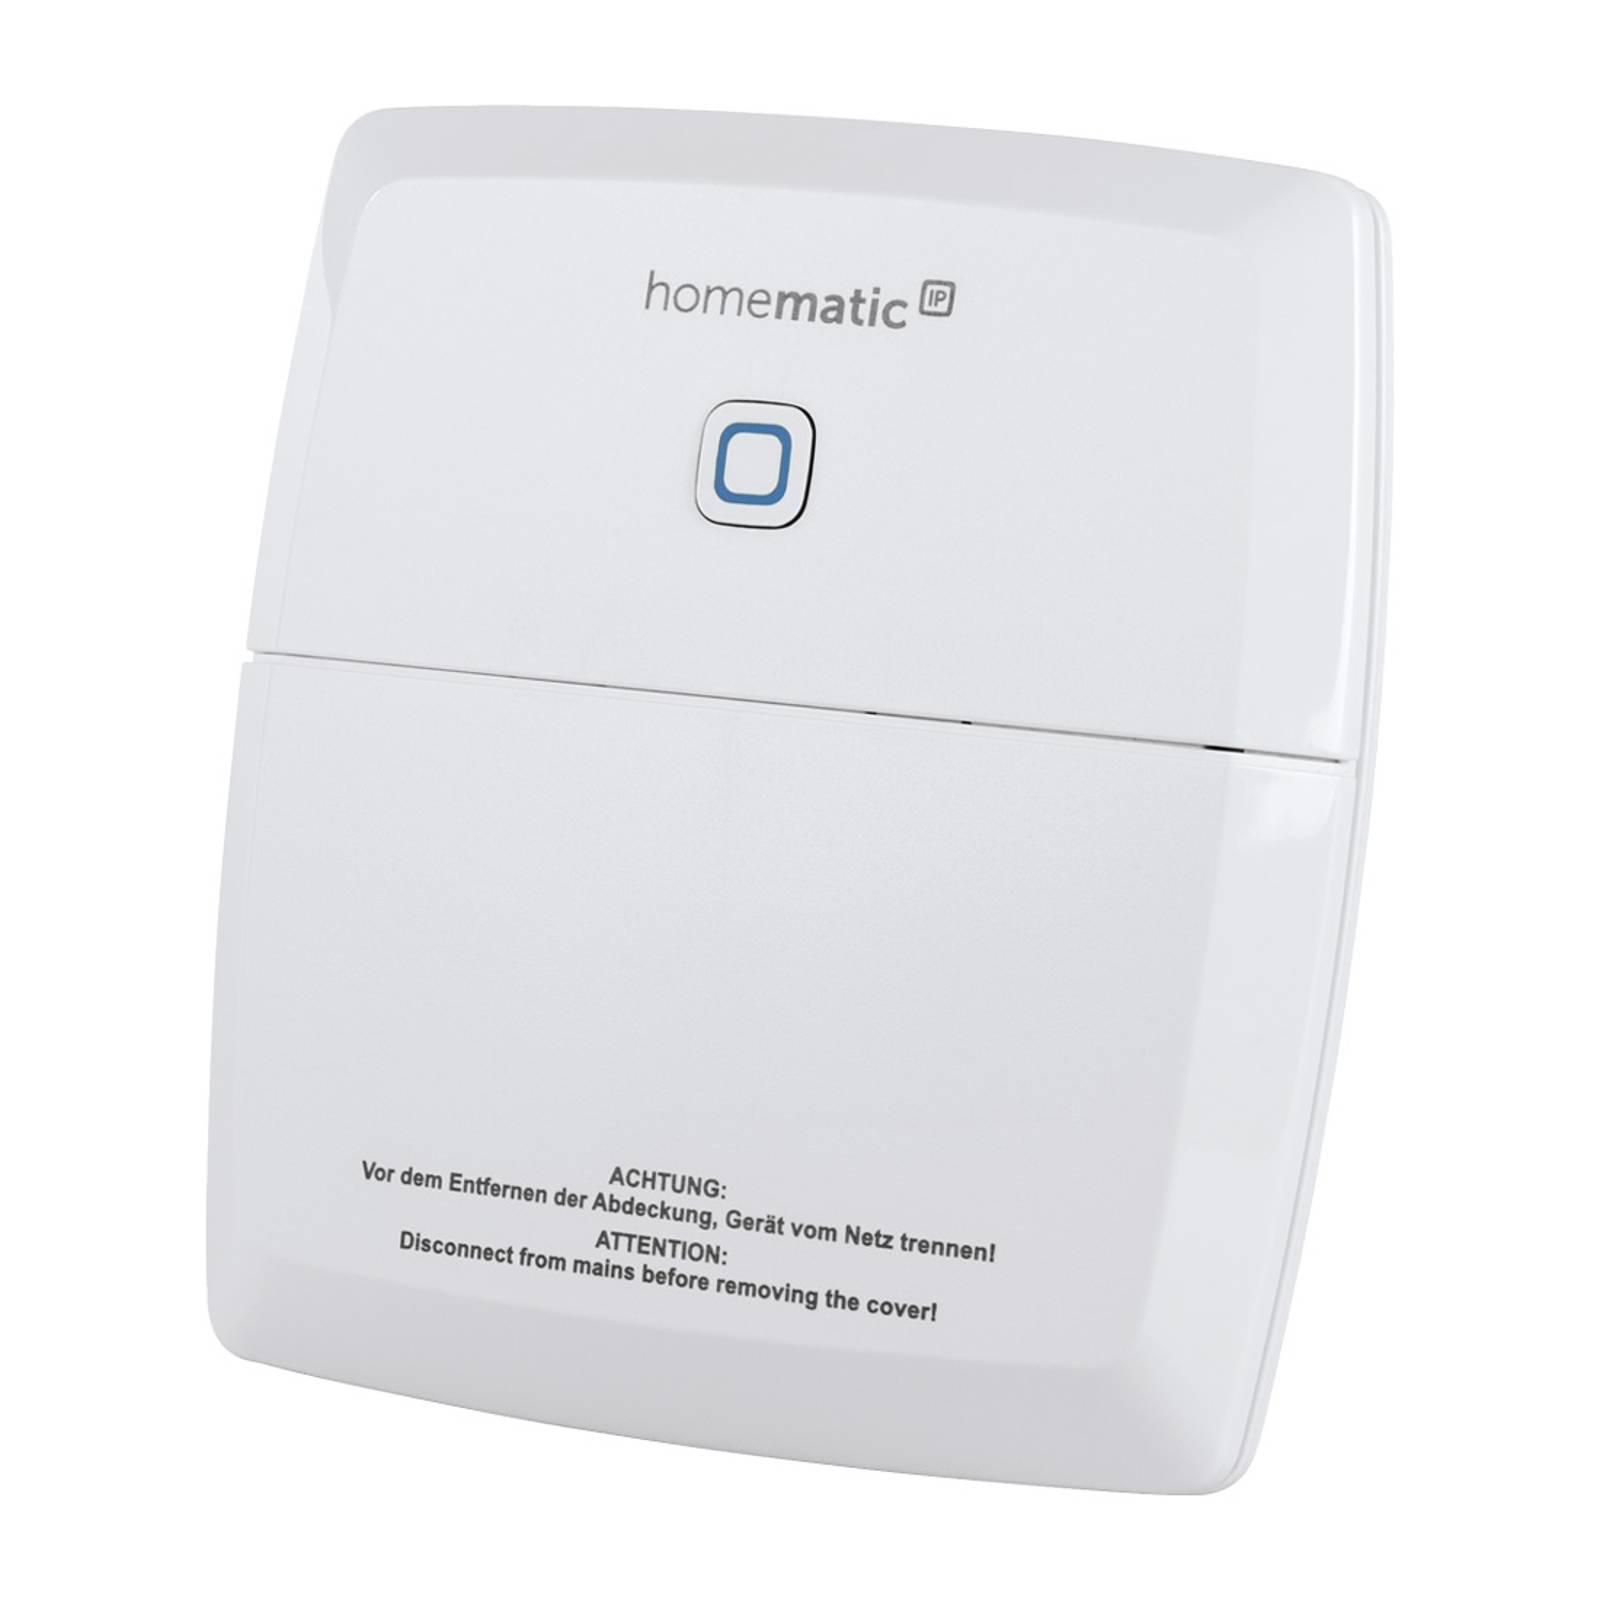 Homematic IP attuatore commutazione riscaldamento